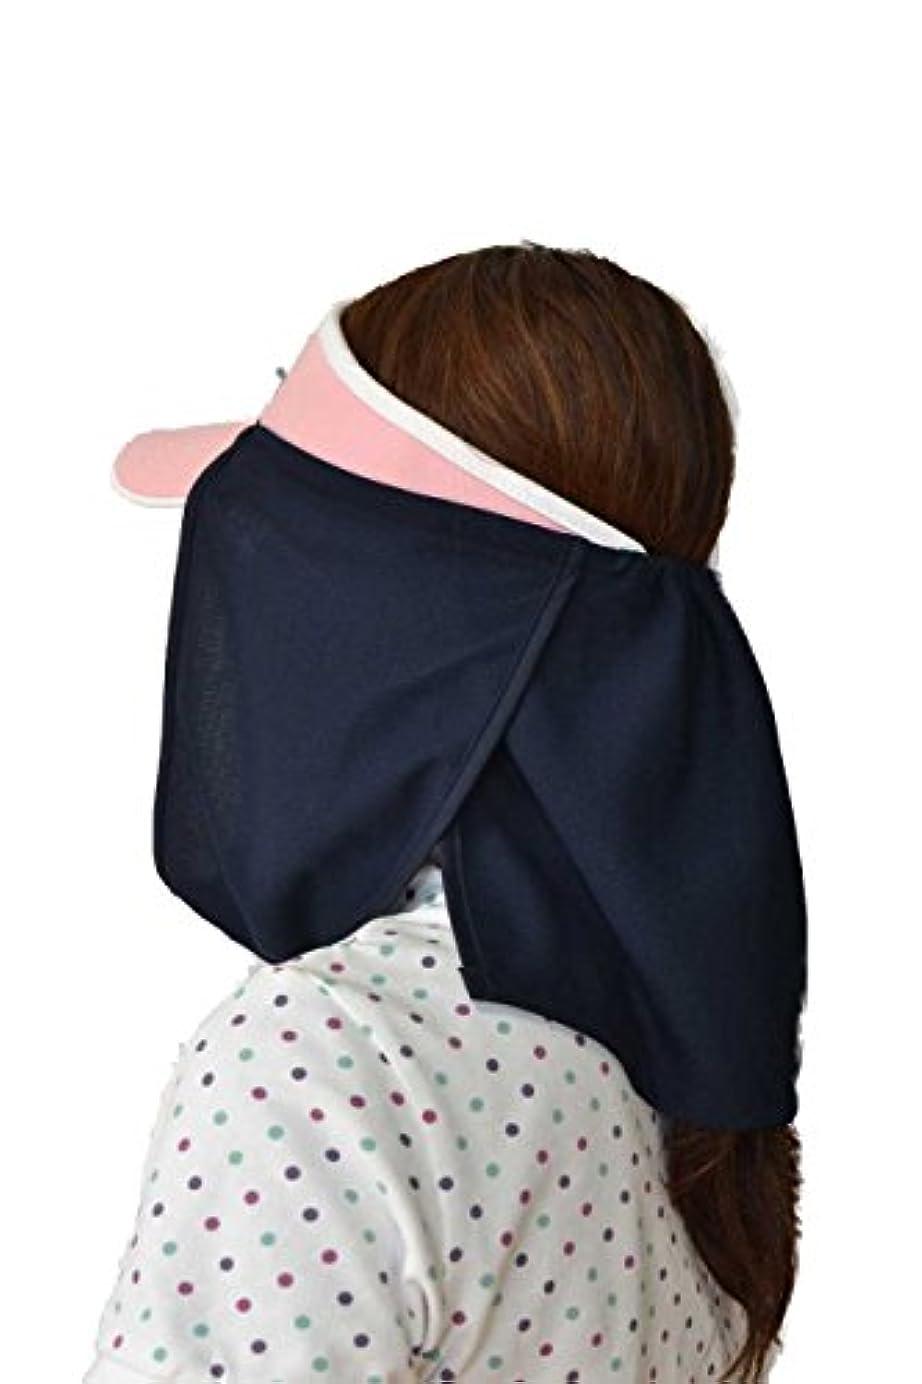 はねかけるスマイルバーガーUVカット帽子カバー?スズシーノ?(黒色)紫外線対策や熱射病、熱中症対策に最適【特許取得済】